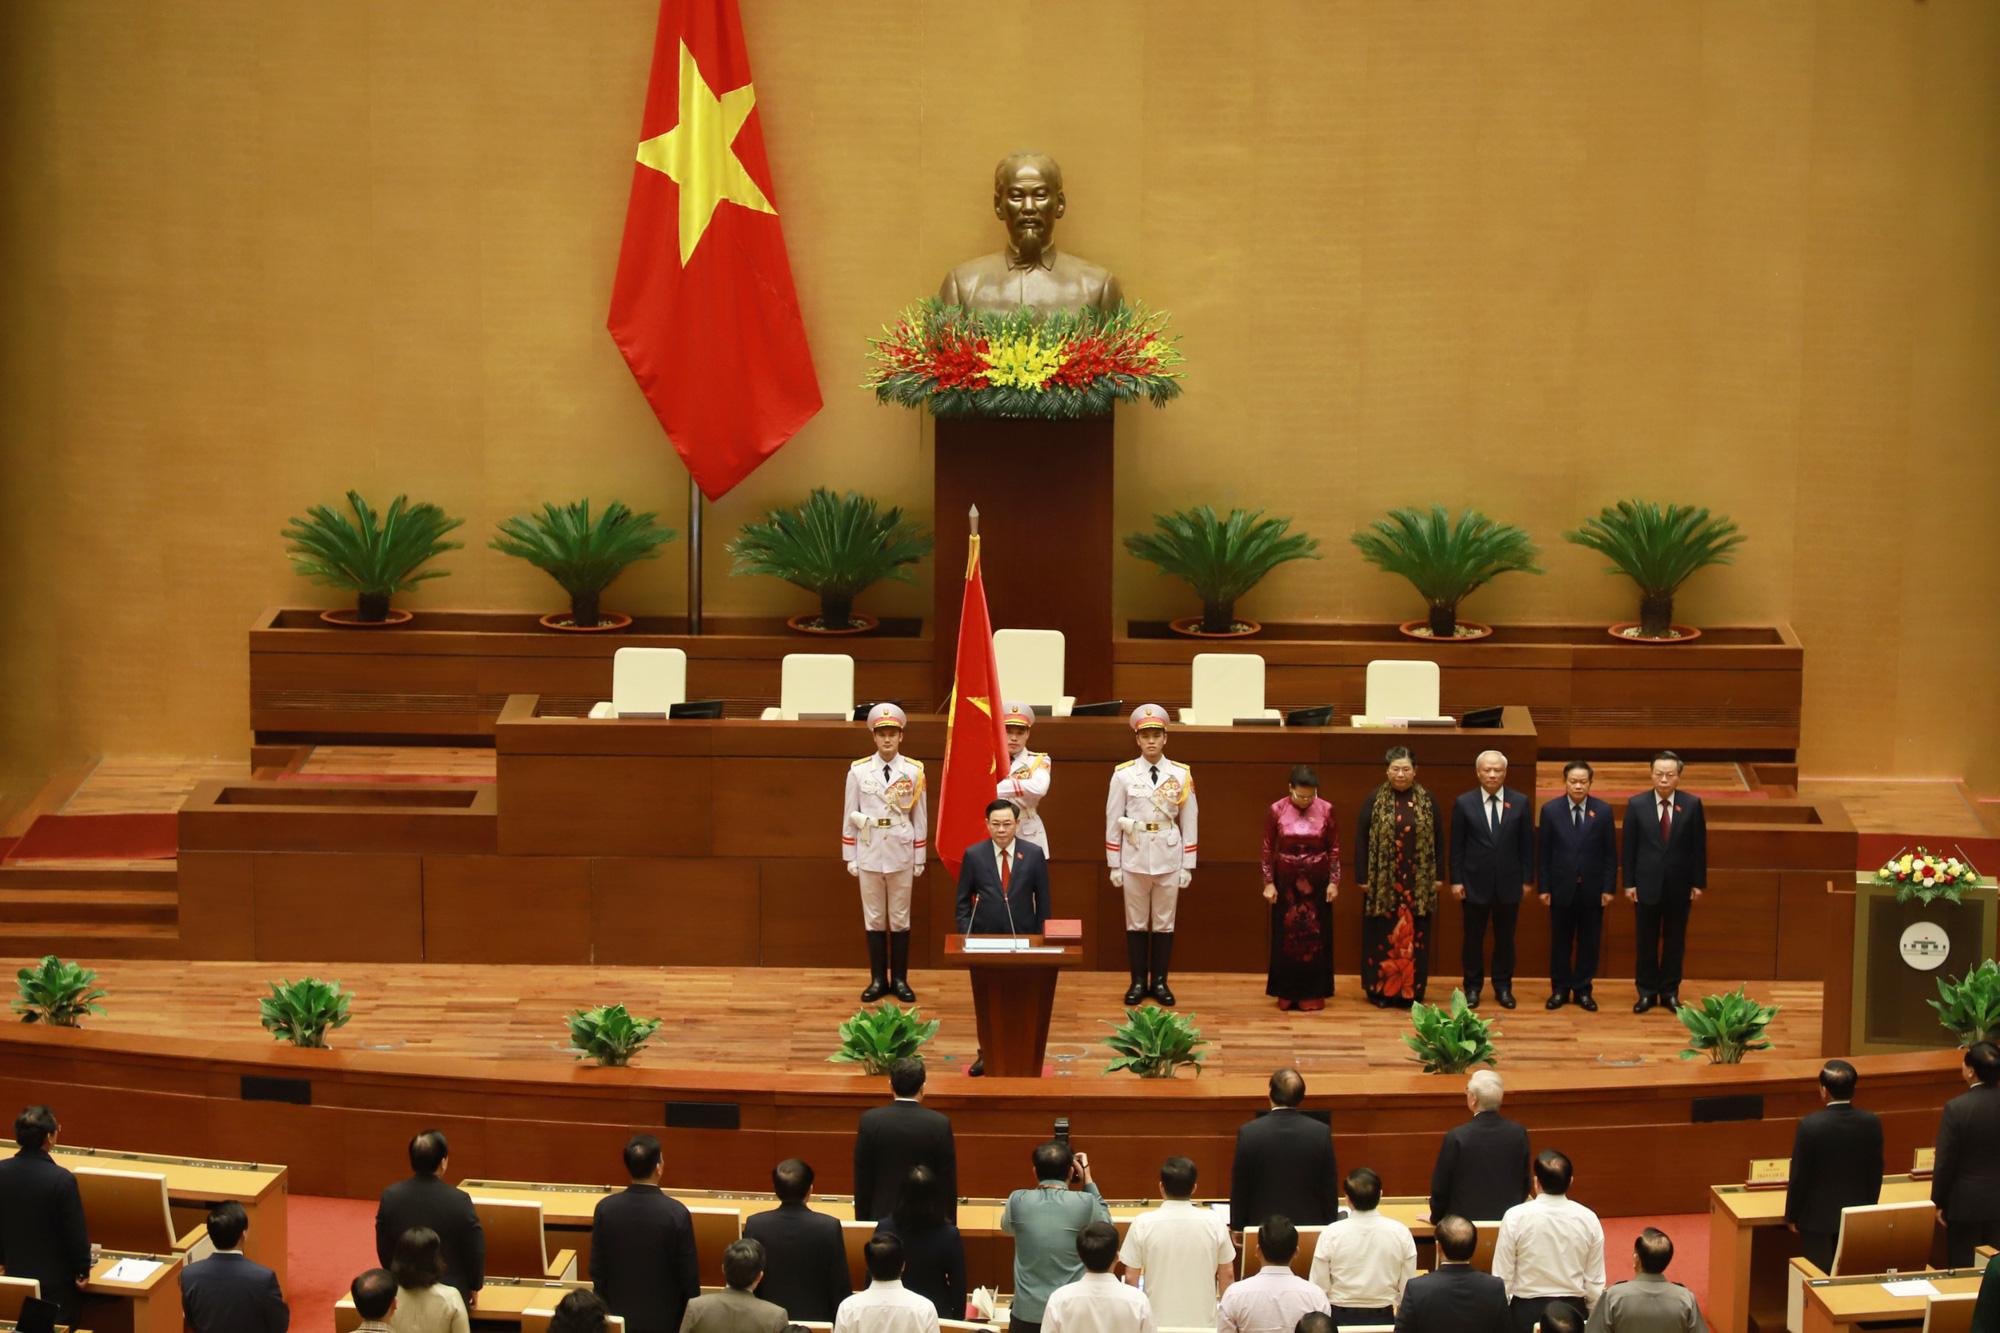 Ảnh: Tân Chủ tịch Quốc hội Vương Đình Huệ tuyên thệ nhậm chức, điều hành phiên họp - Ảnh 1.